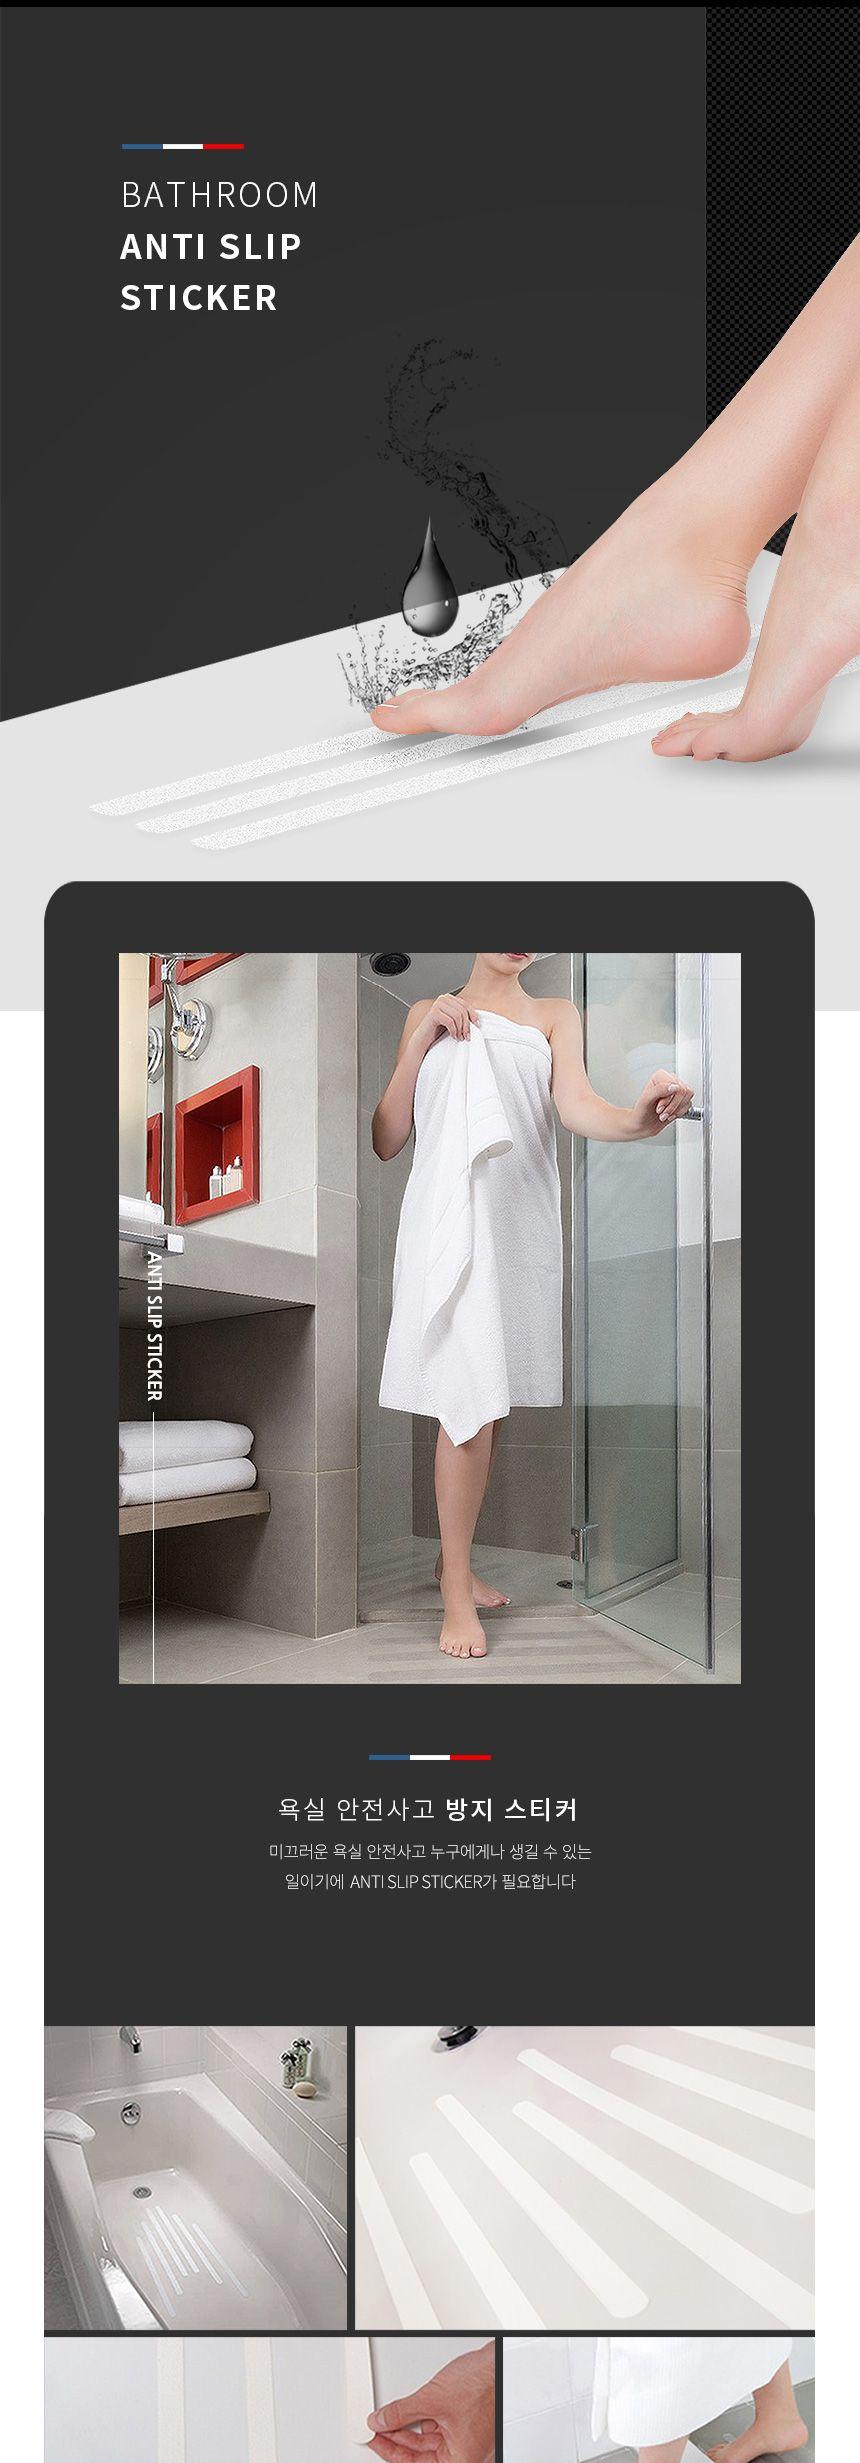 히키스 욕실 논슬립 스티커 욕조용스티커 미끄럼방지 욕조용스티커 미끄럼방지스티커 욕실미끄럼매트 욕실바닥스티커 미끄럼방지